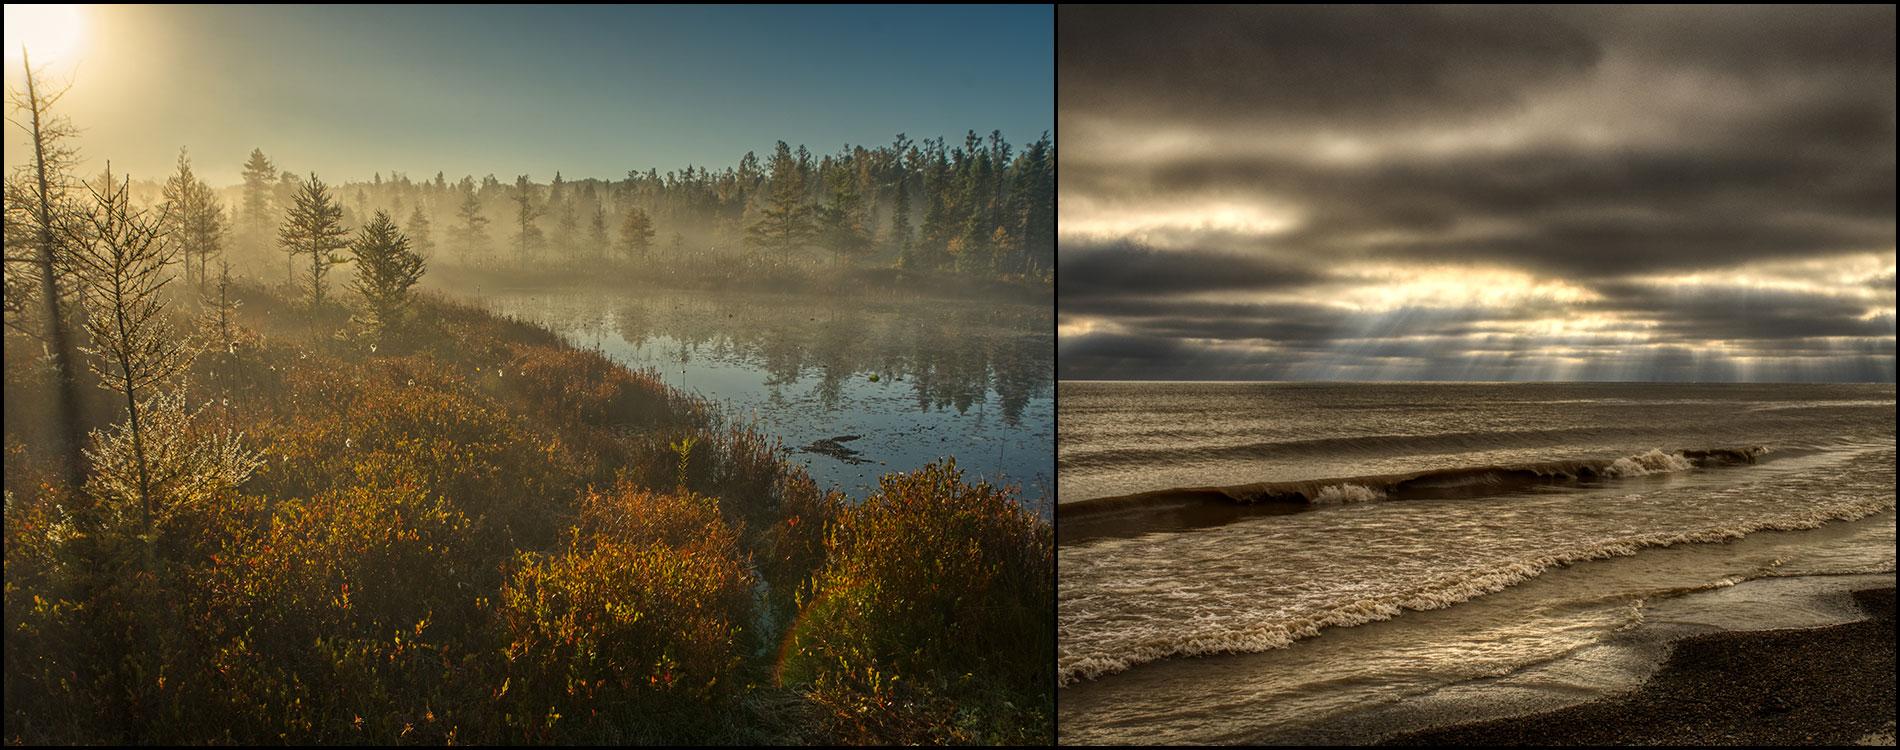 landscapes2_1900x750